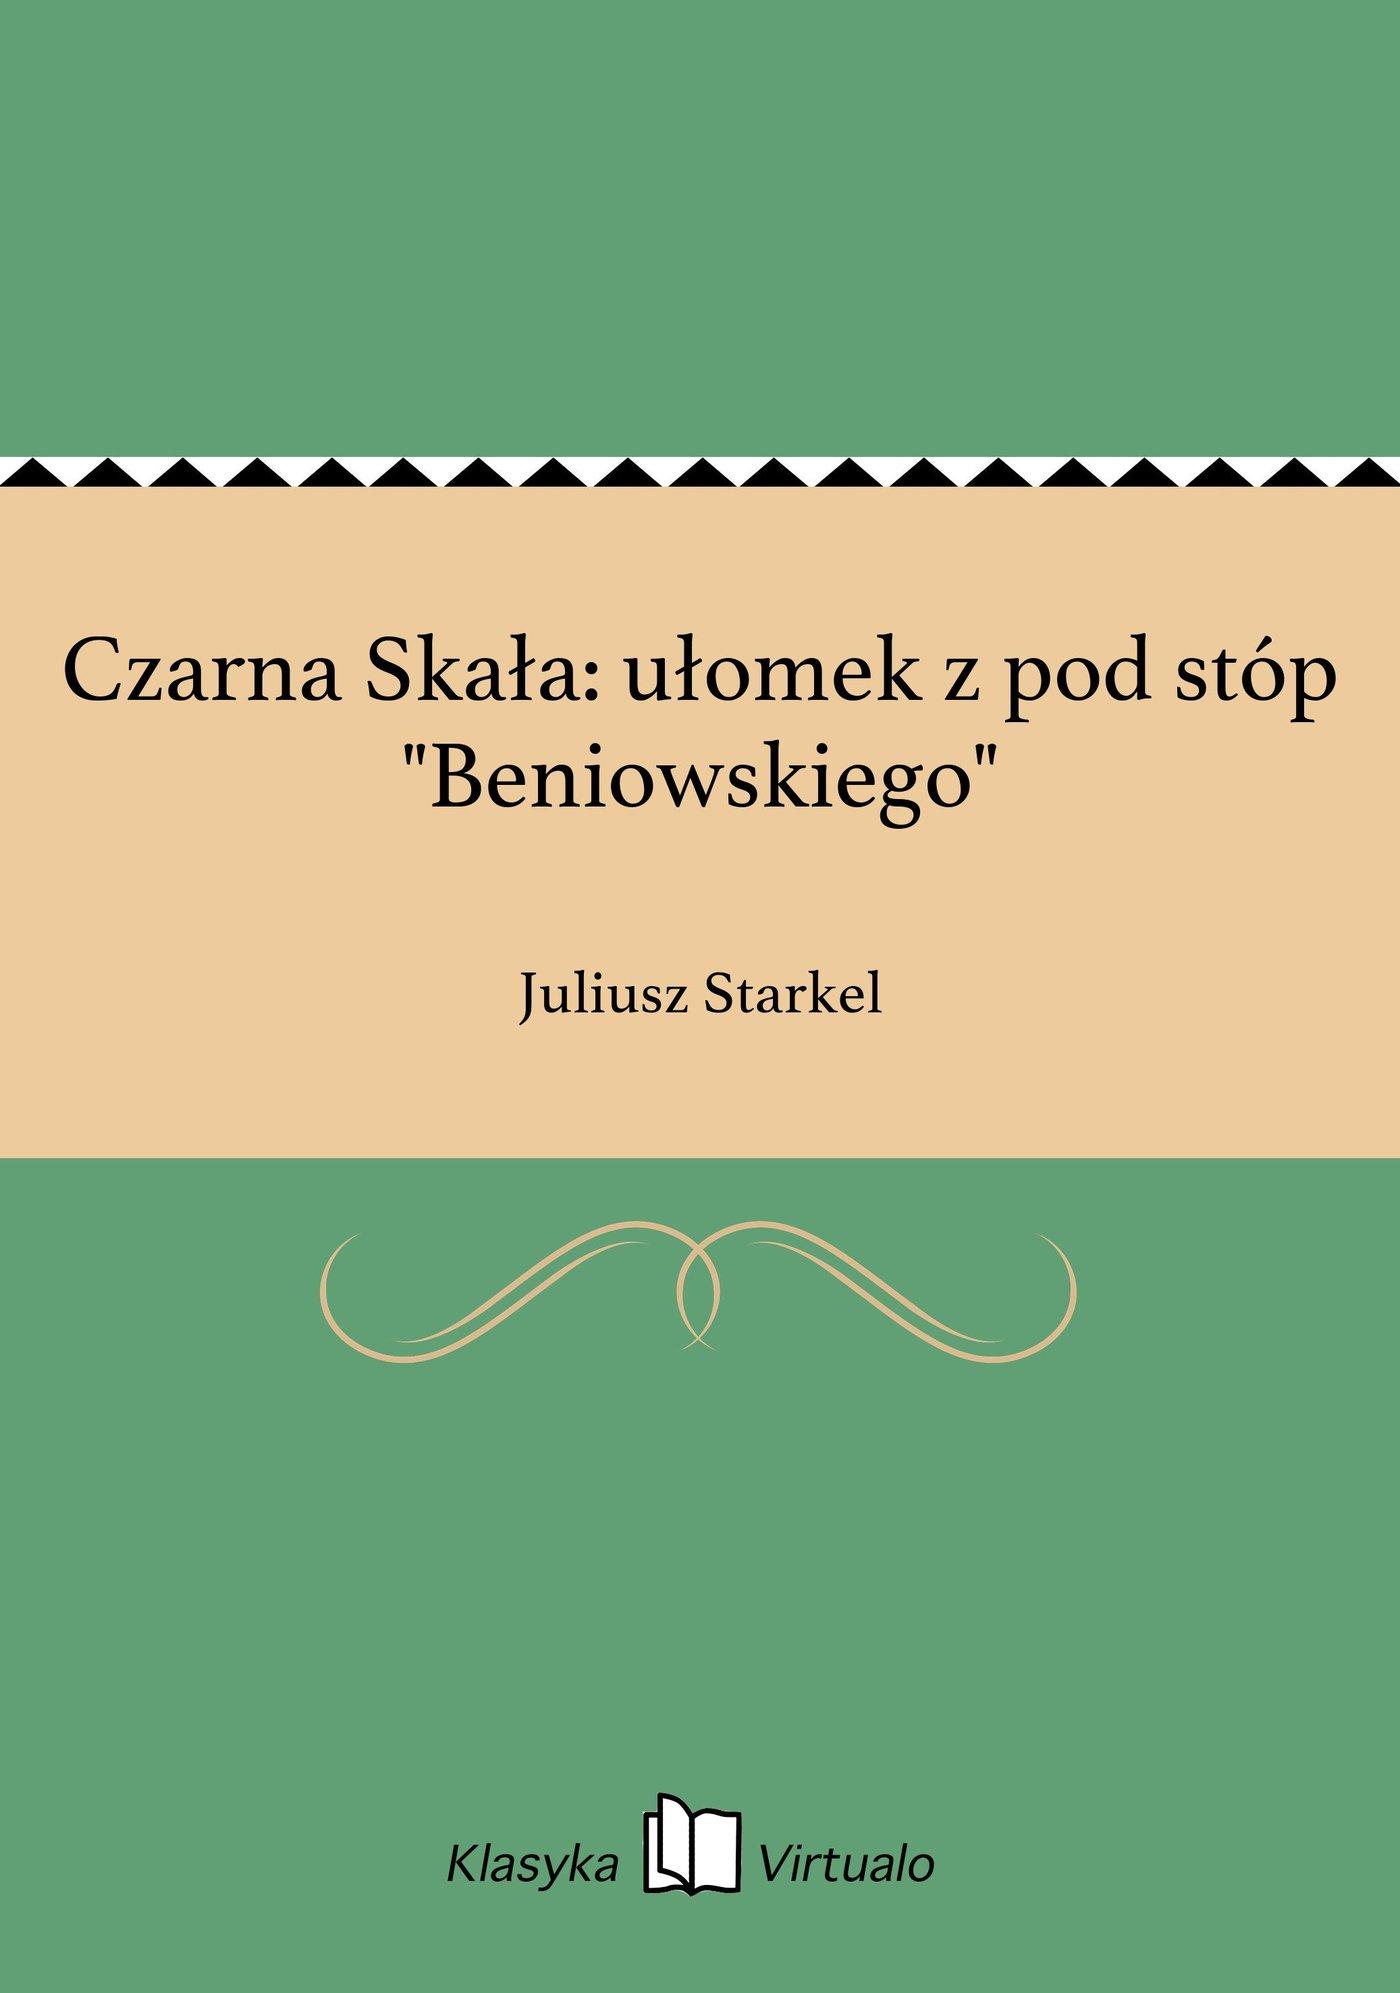 """Czarna Skała: ułomek z pod stóp """"Beniowskiego"""" - Ebook (Książka EPUB) do pobrania w formacie EPUB"""